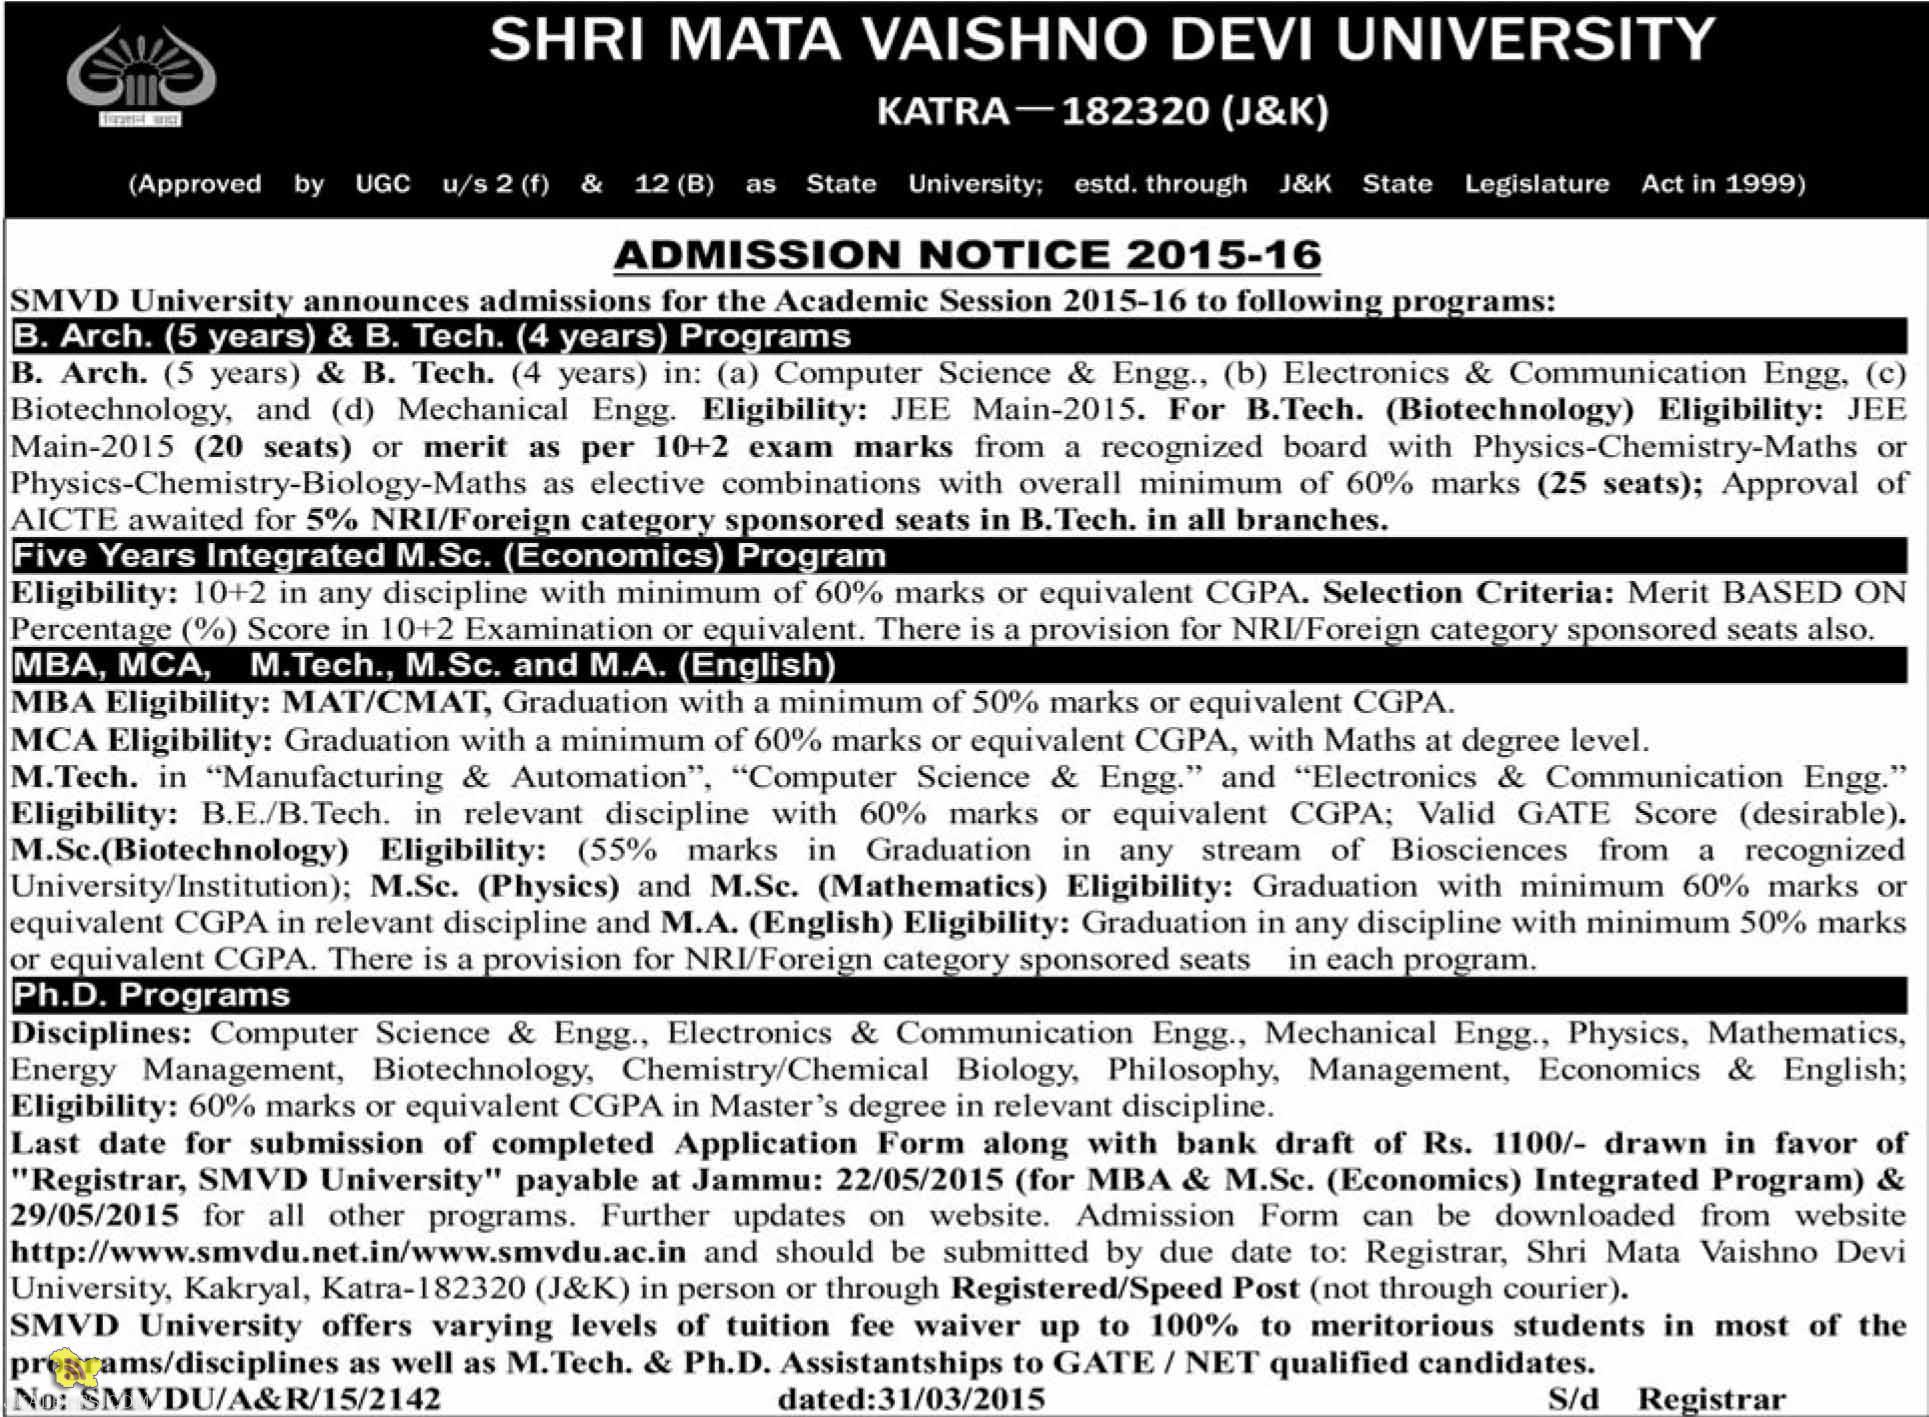 SHRI MATA VAISHNO DEVI UNIVERSITY ADMISSION NOTICE 2015-16